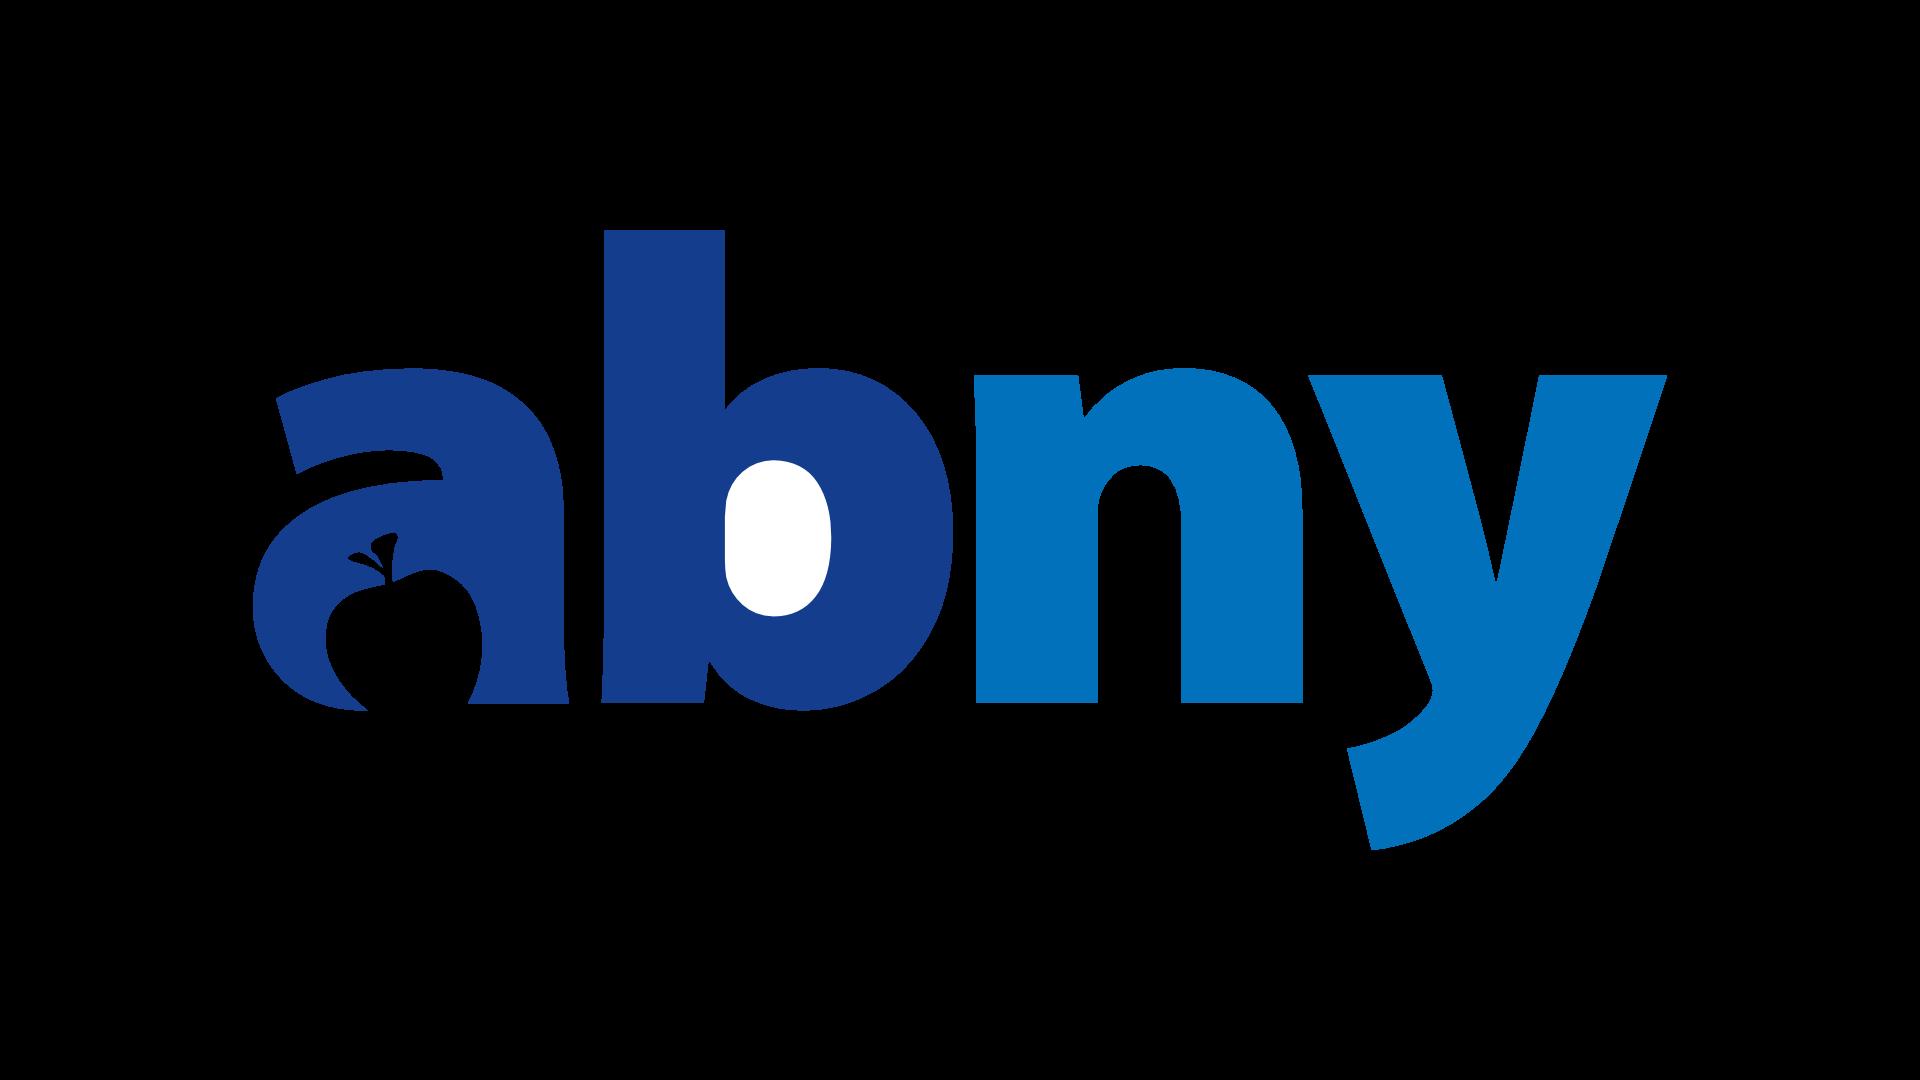 ABNY logo